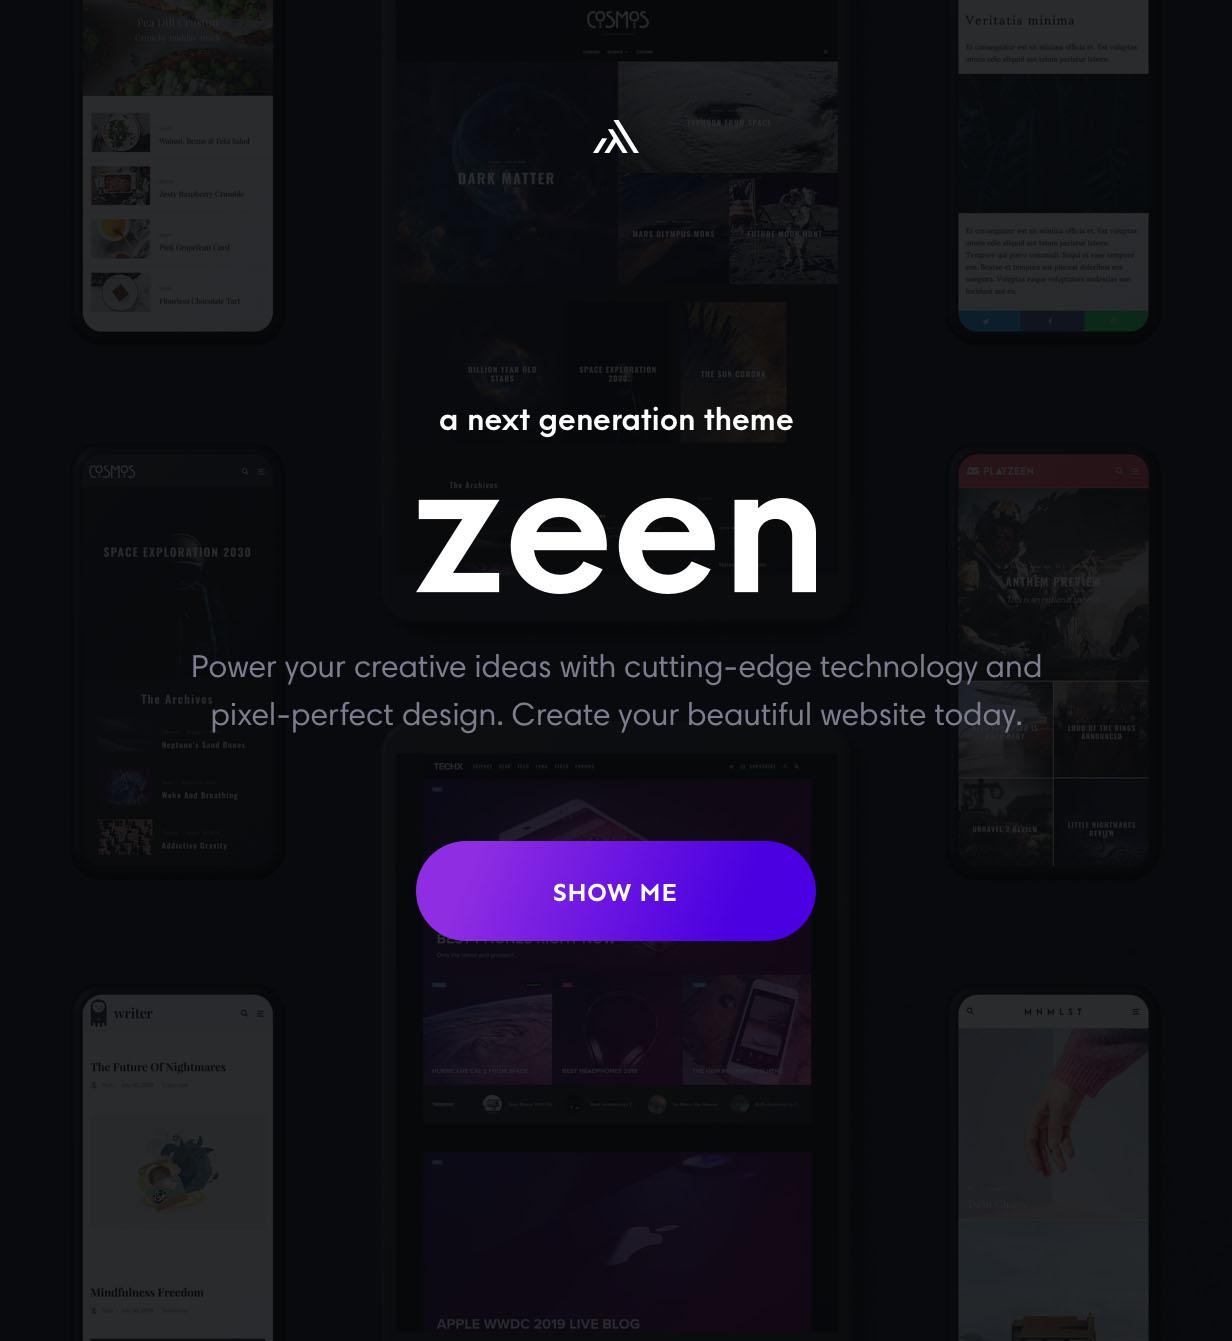 zeen-magazine-wordpress-theme.jpg